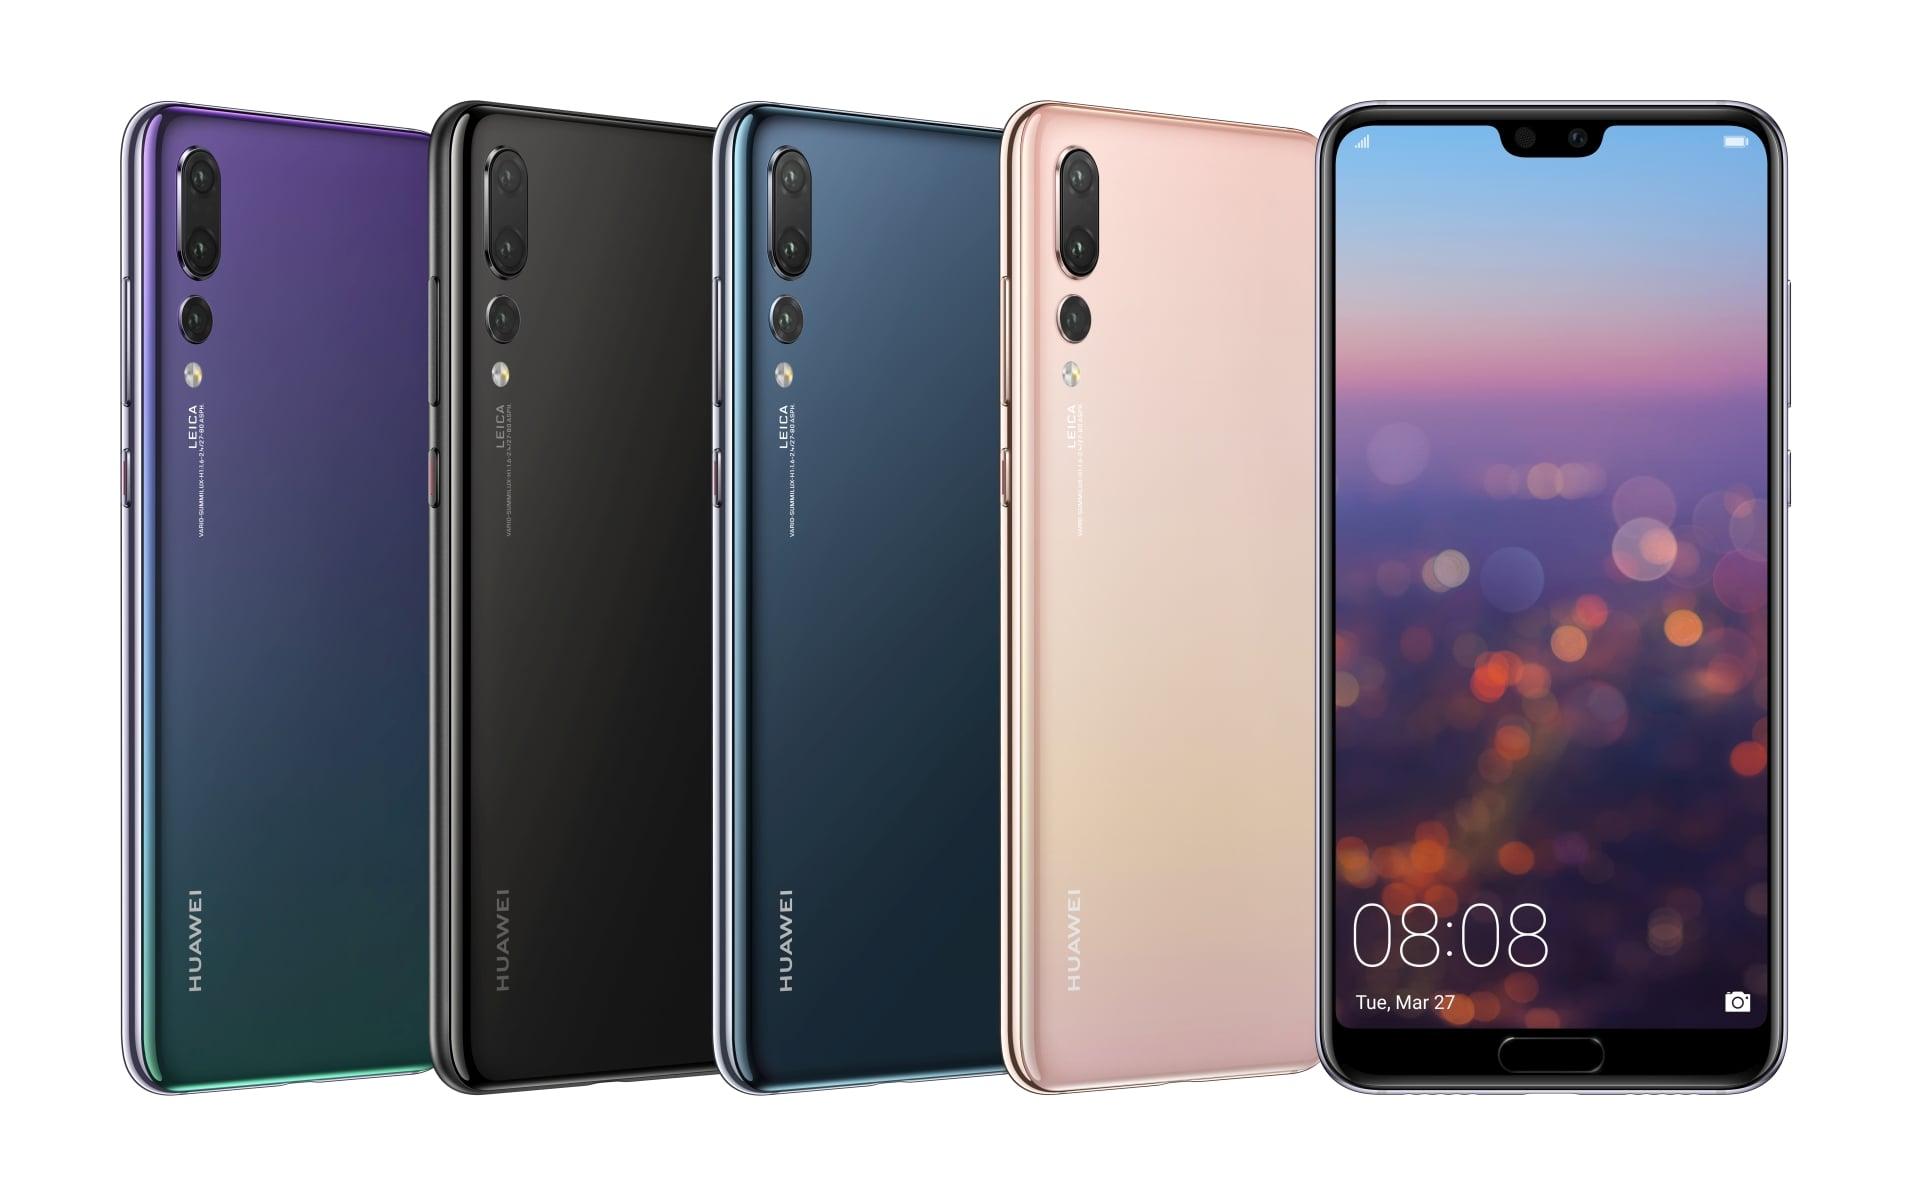 Tabletowo.pl W końcu coś się ruszyło: Huawei obiecuje aktualizacje zabezpieczeń dla smartfonów co dwa miesiące Aktualizacje Android Bezpieczeństwo Huawei Smartfony